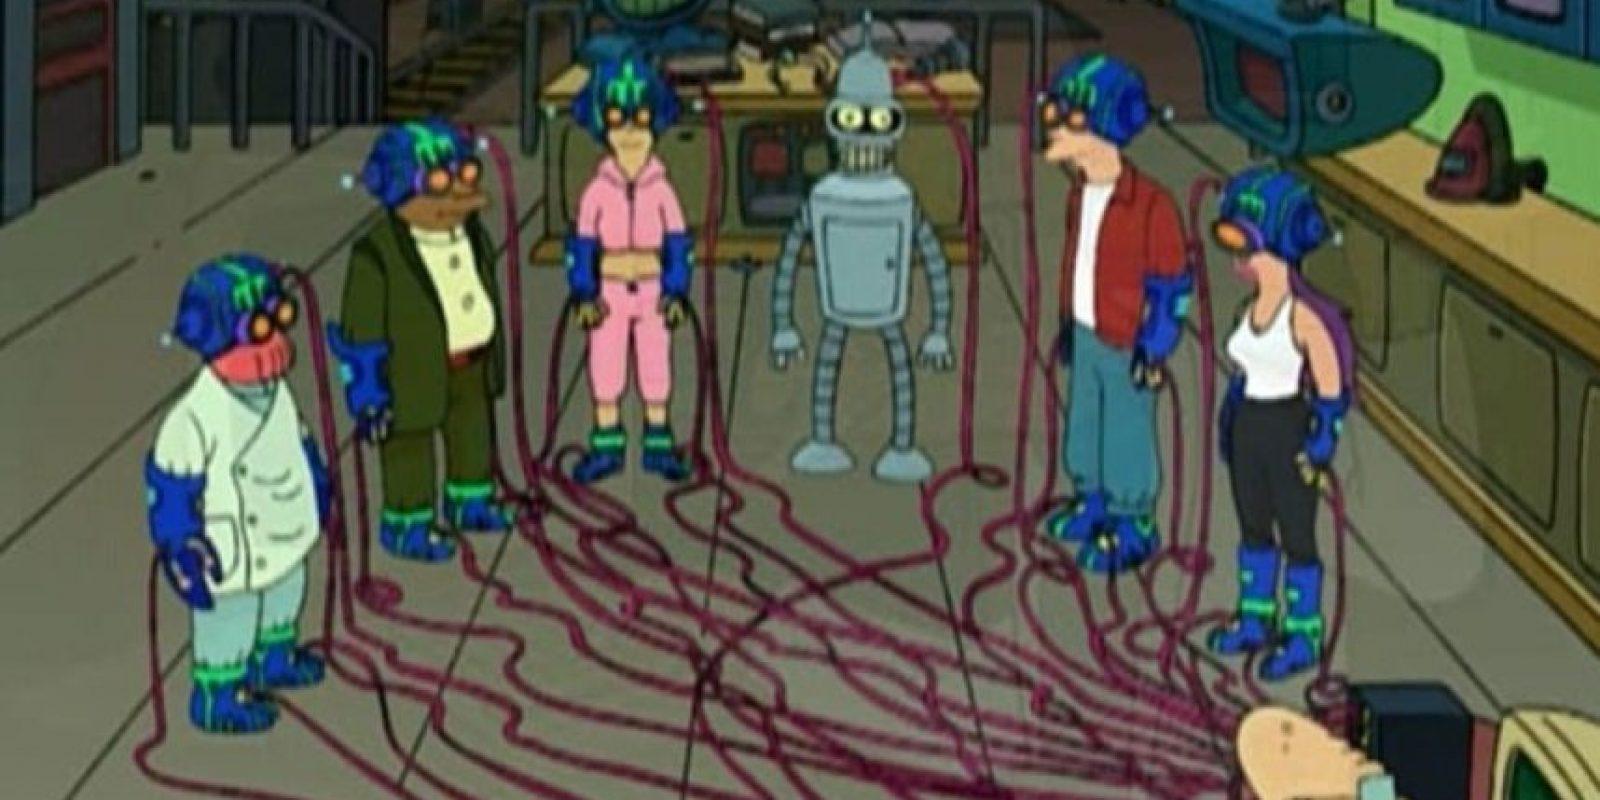 Con este sistema, los personajes entraban a un mundo de realidad virtual. Foto:vía FOX